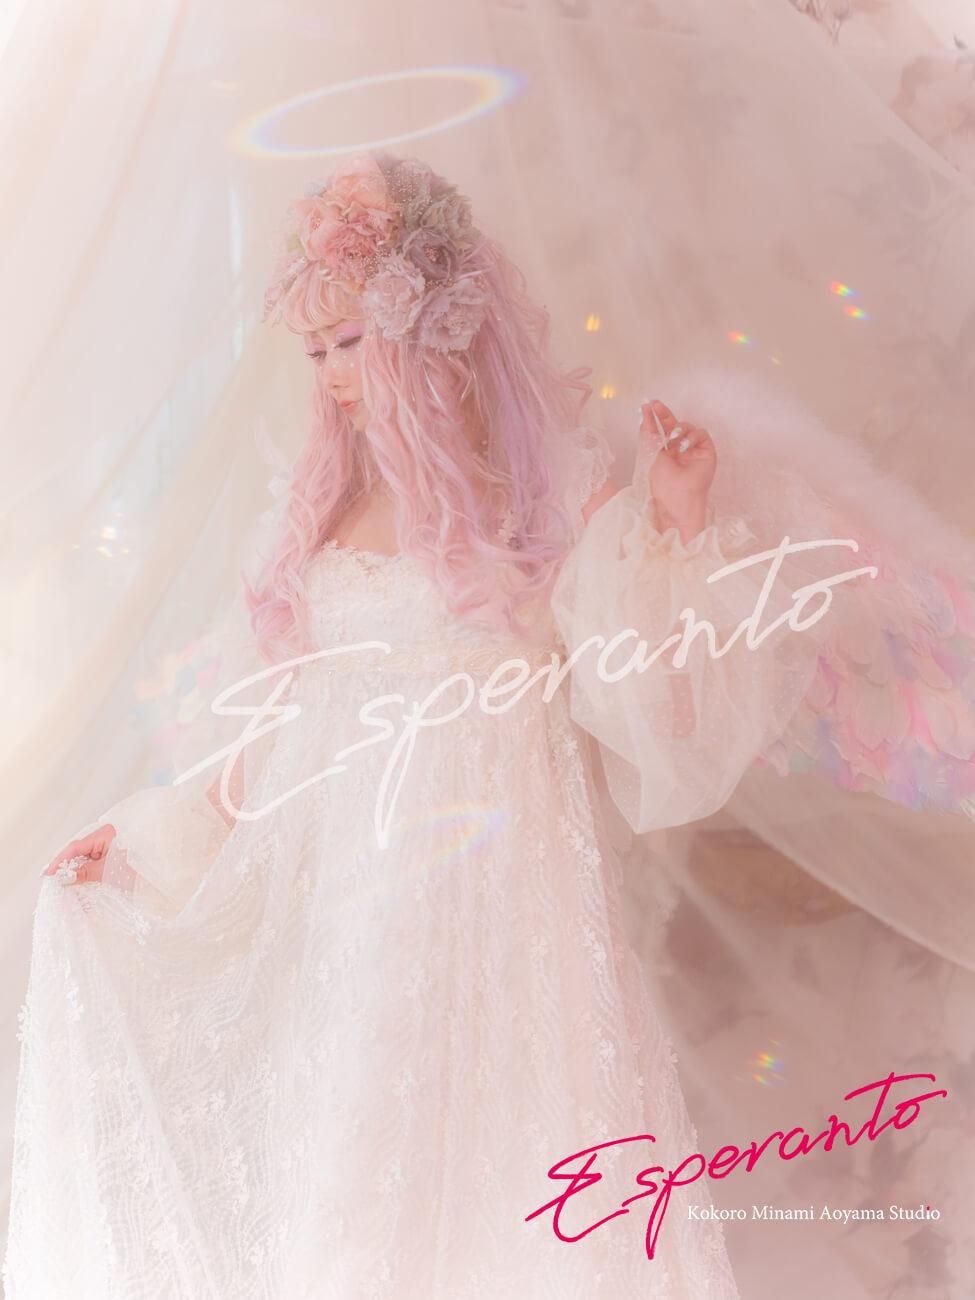 変身写真 ドレス 天使